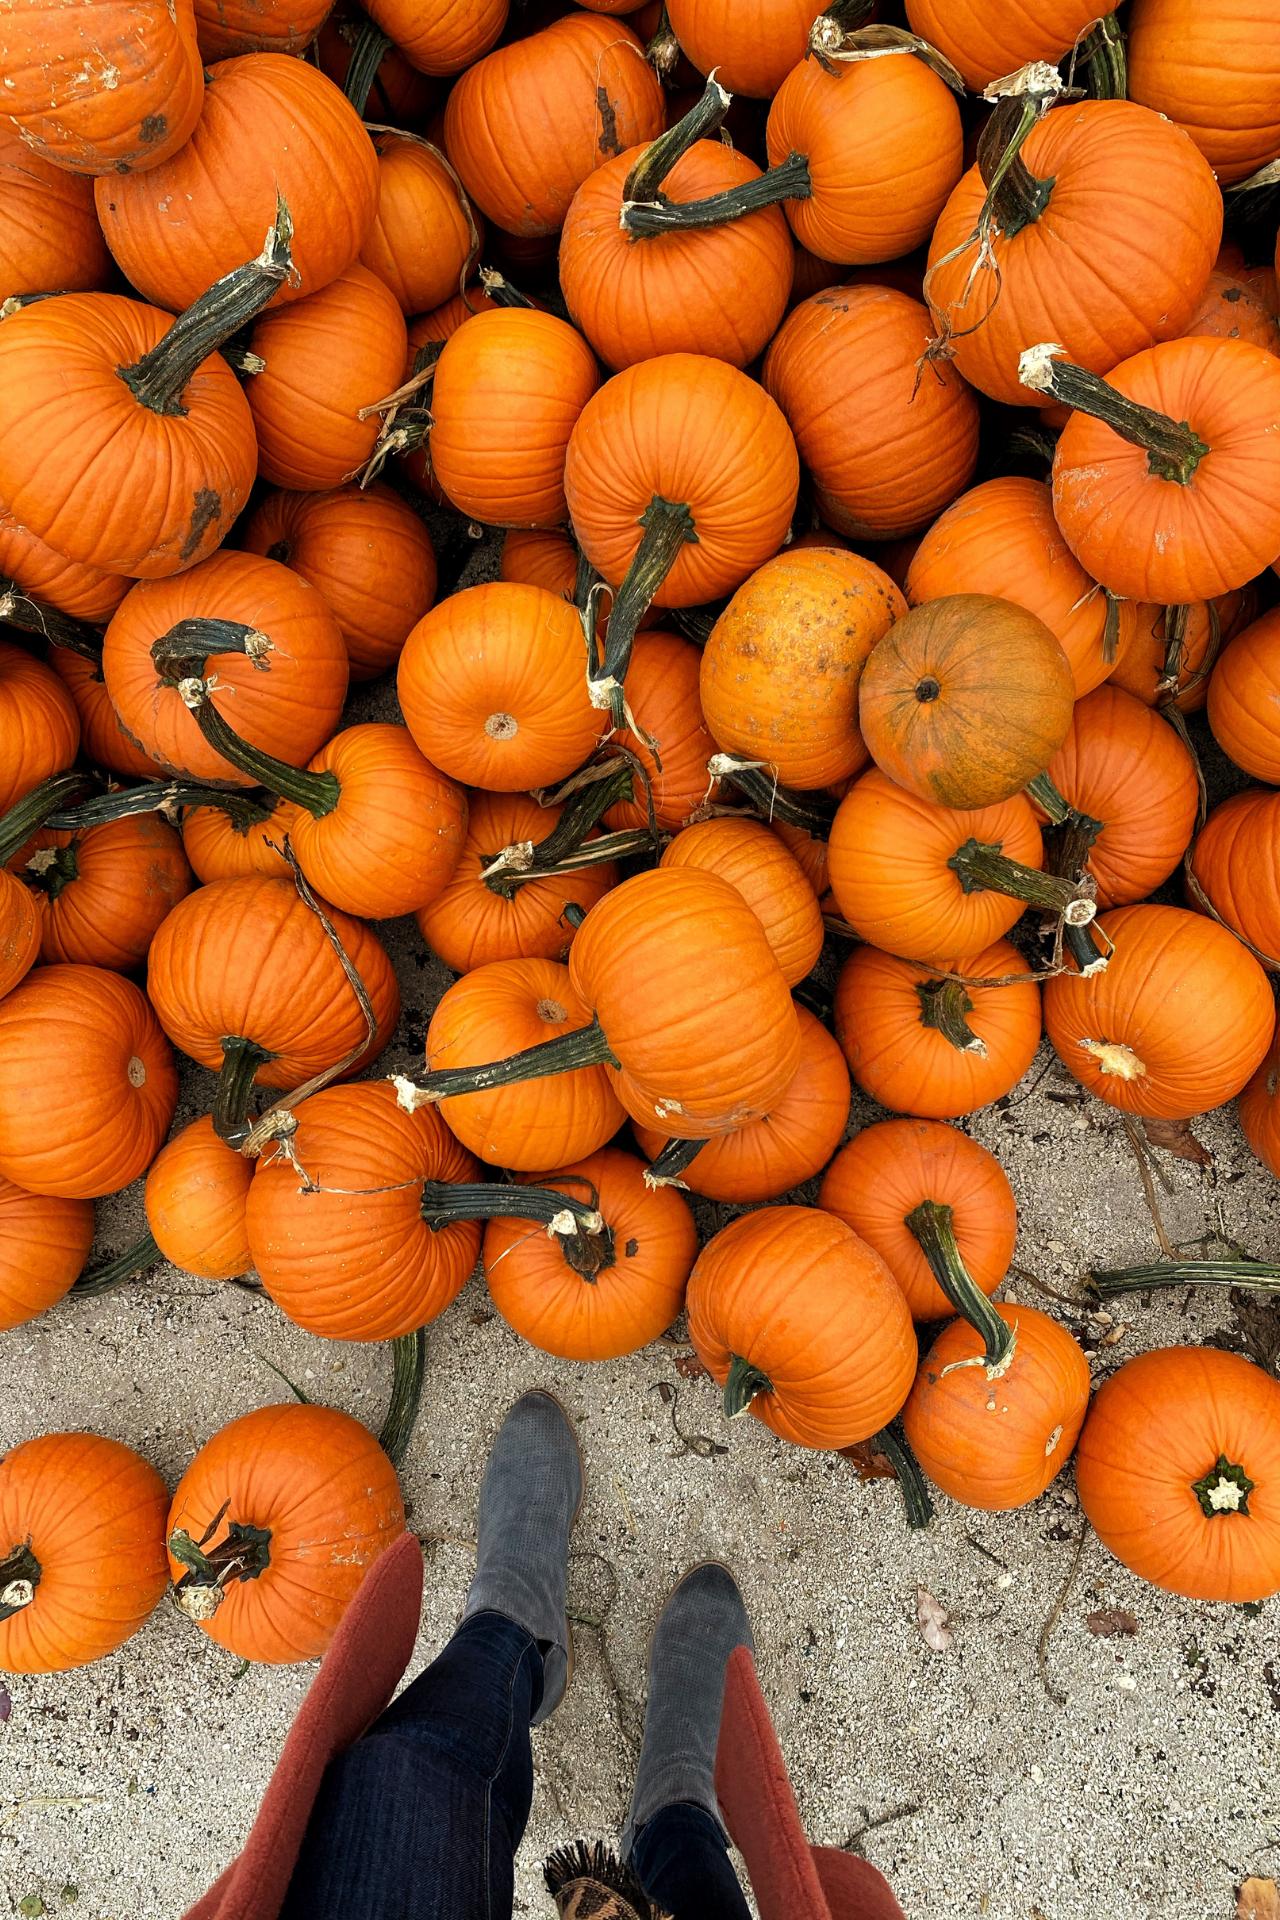 best pumpkin recipes for national pumpkin day